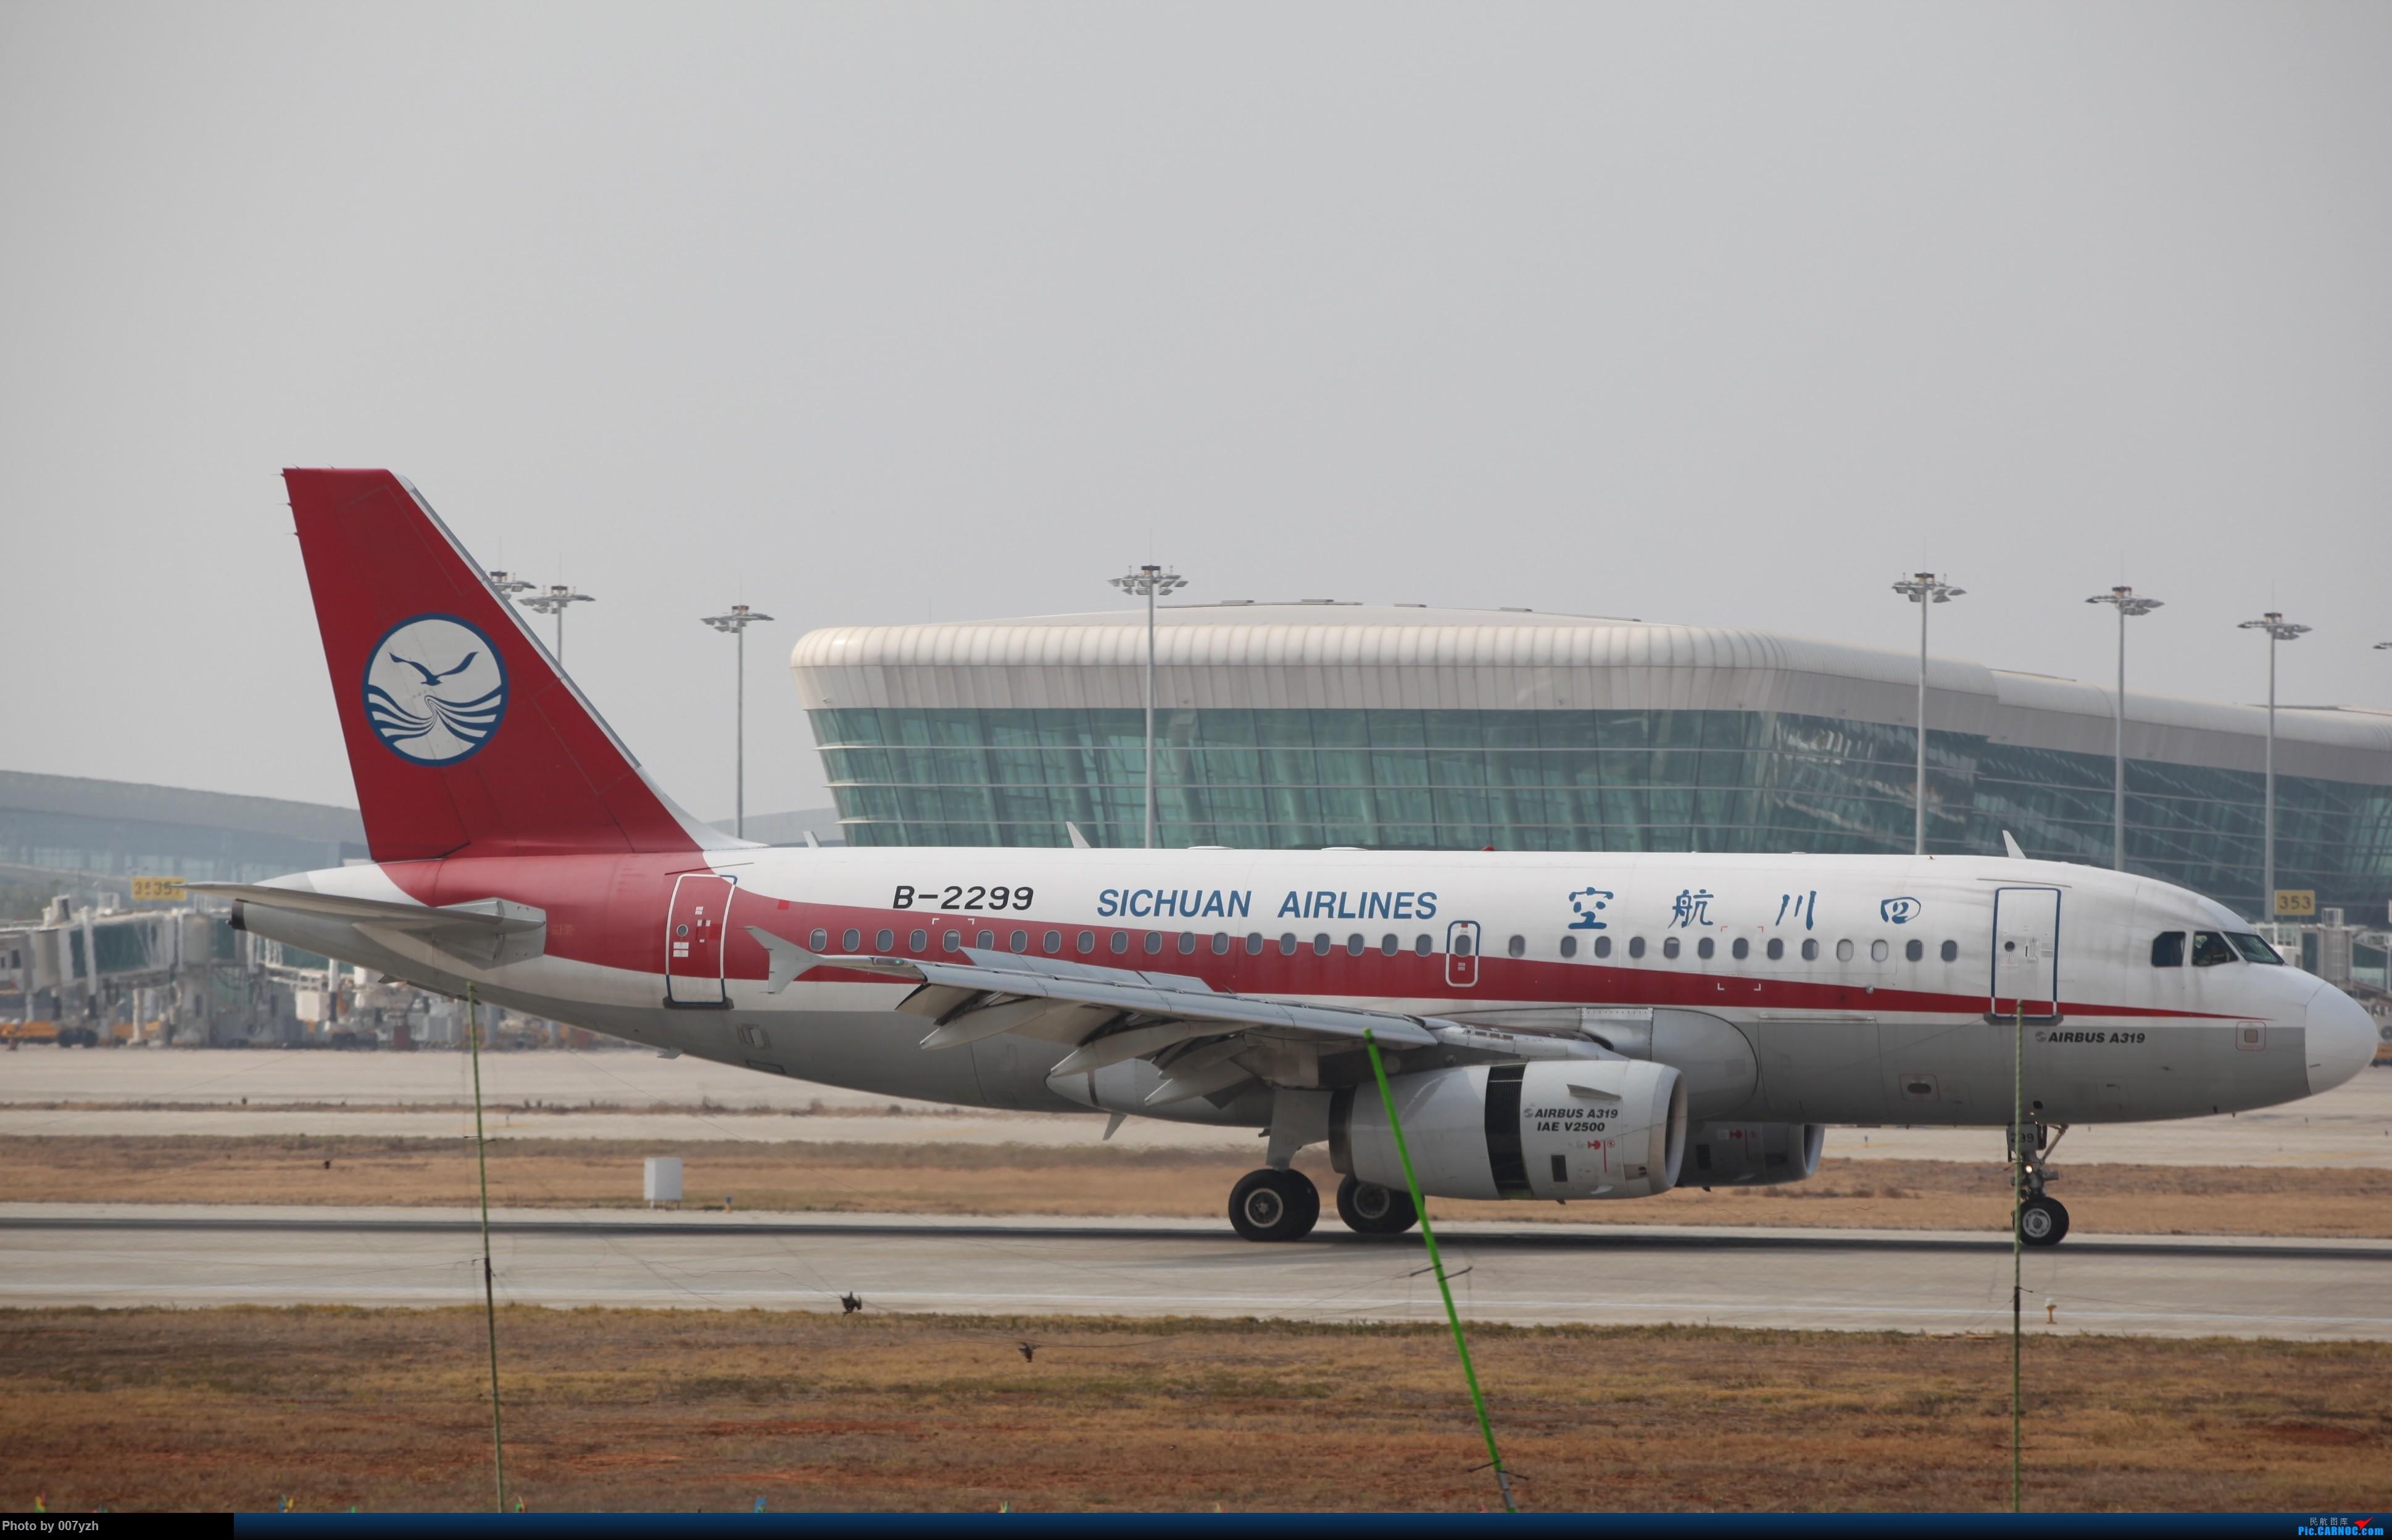 Re:[原创]WUH小拍,终于找到了在WUH拍机的组织 AIRBUS A319-100 B-2299 中国武汉天河国际机场